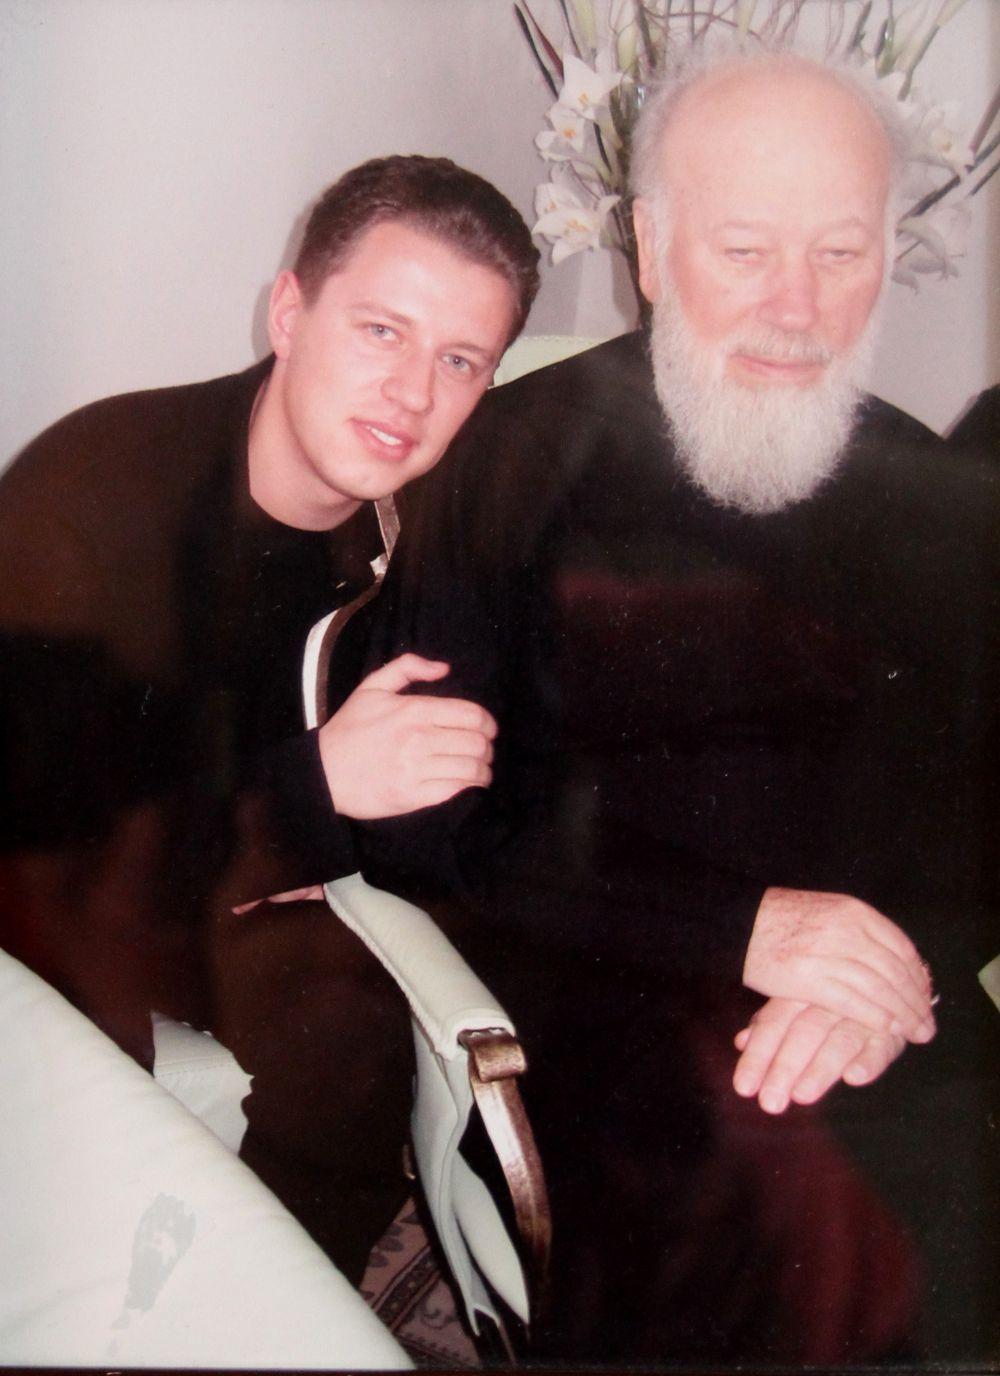 Блаженнейший был человеком дела, и его поступки доказывали это. 20 лет предстоятельства митрополита Владимира не прошли бесследно для Церкви. Он сделал все для того, чтобы Она жила и развивалась